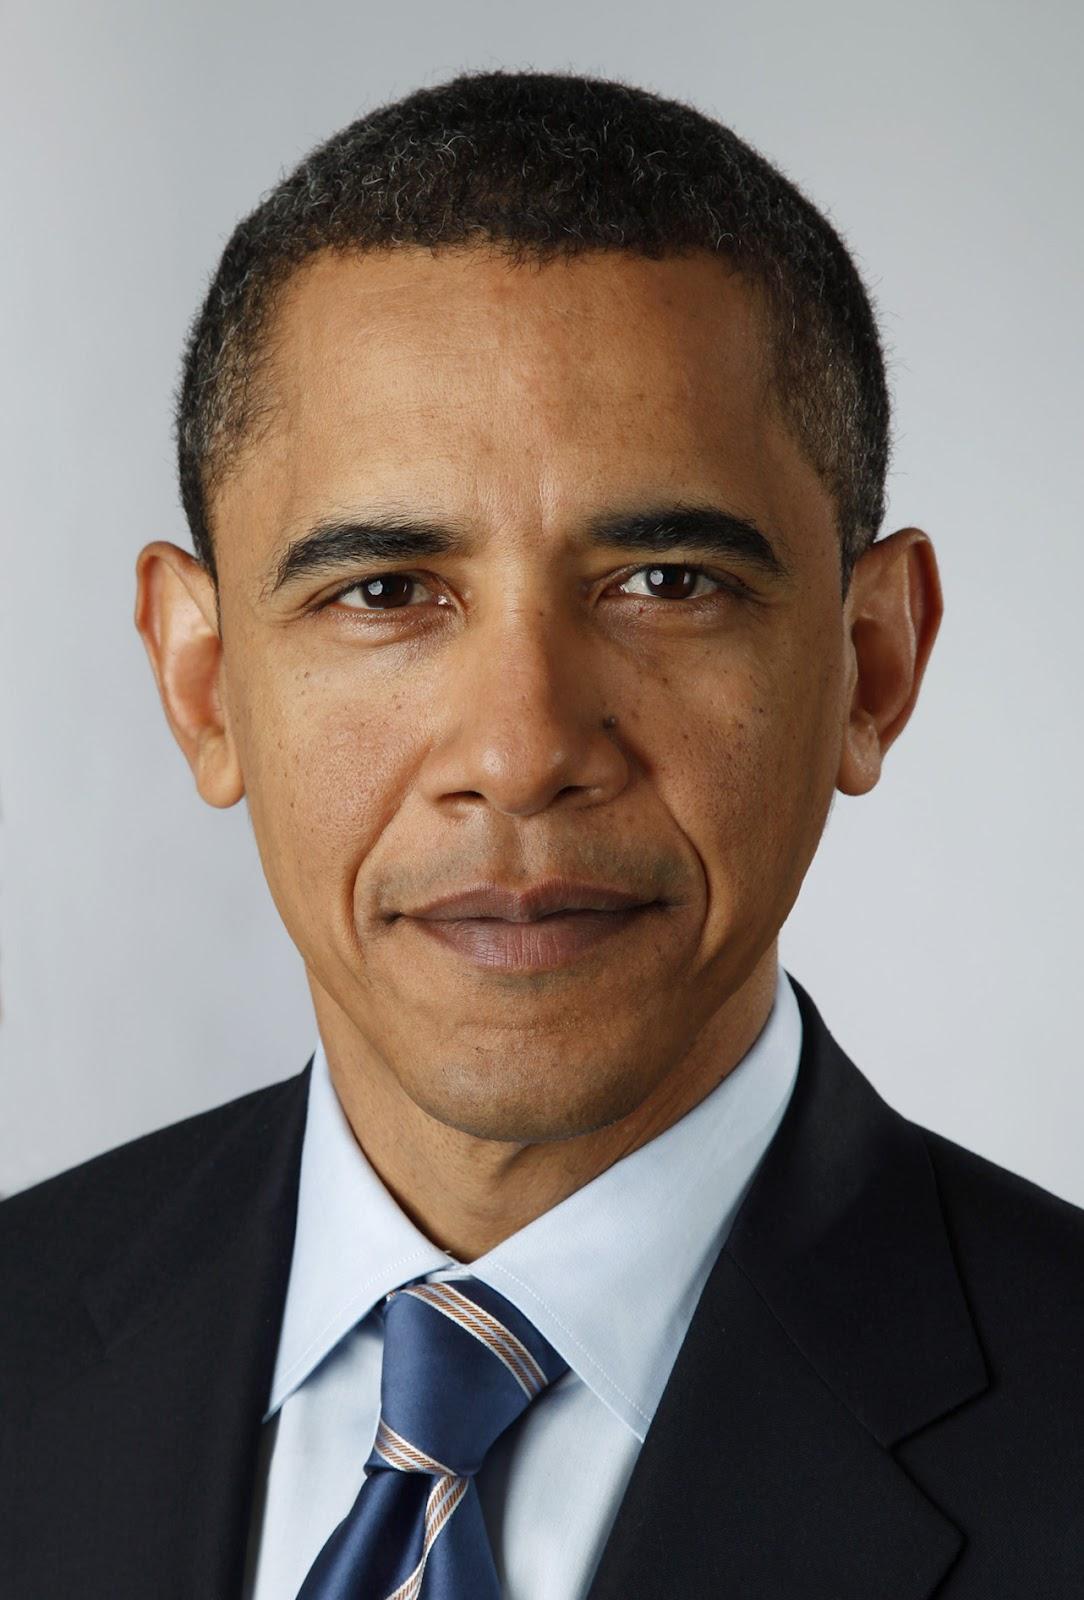 http://3.bp.blogspot.com/-PQpLCQr1IZI/T4xq1zMUQnI/AAAAAAAAACo/sjPpwdEuBwA/s1600/Official_portrait_of_Barack_Obama-2.jpg